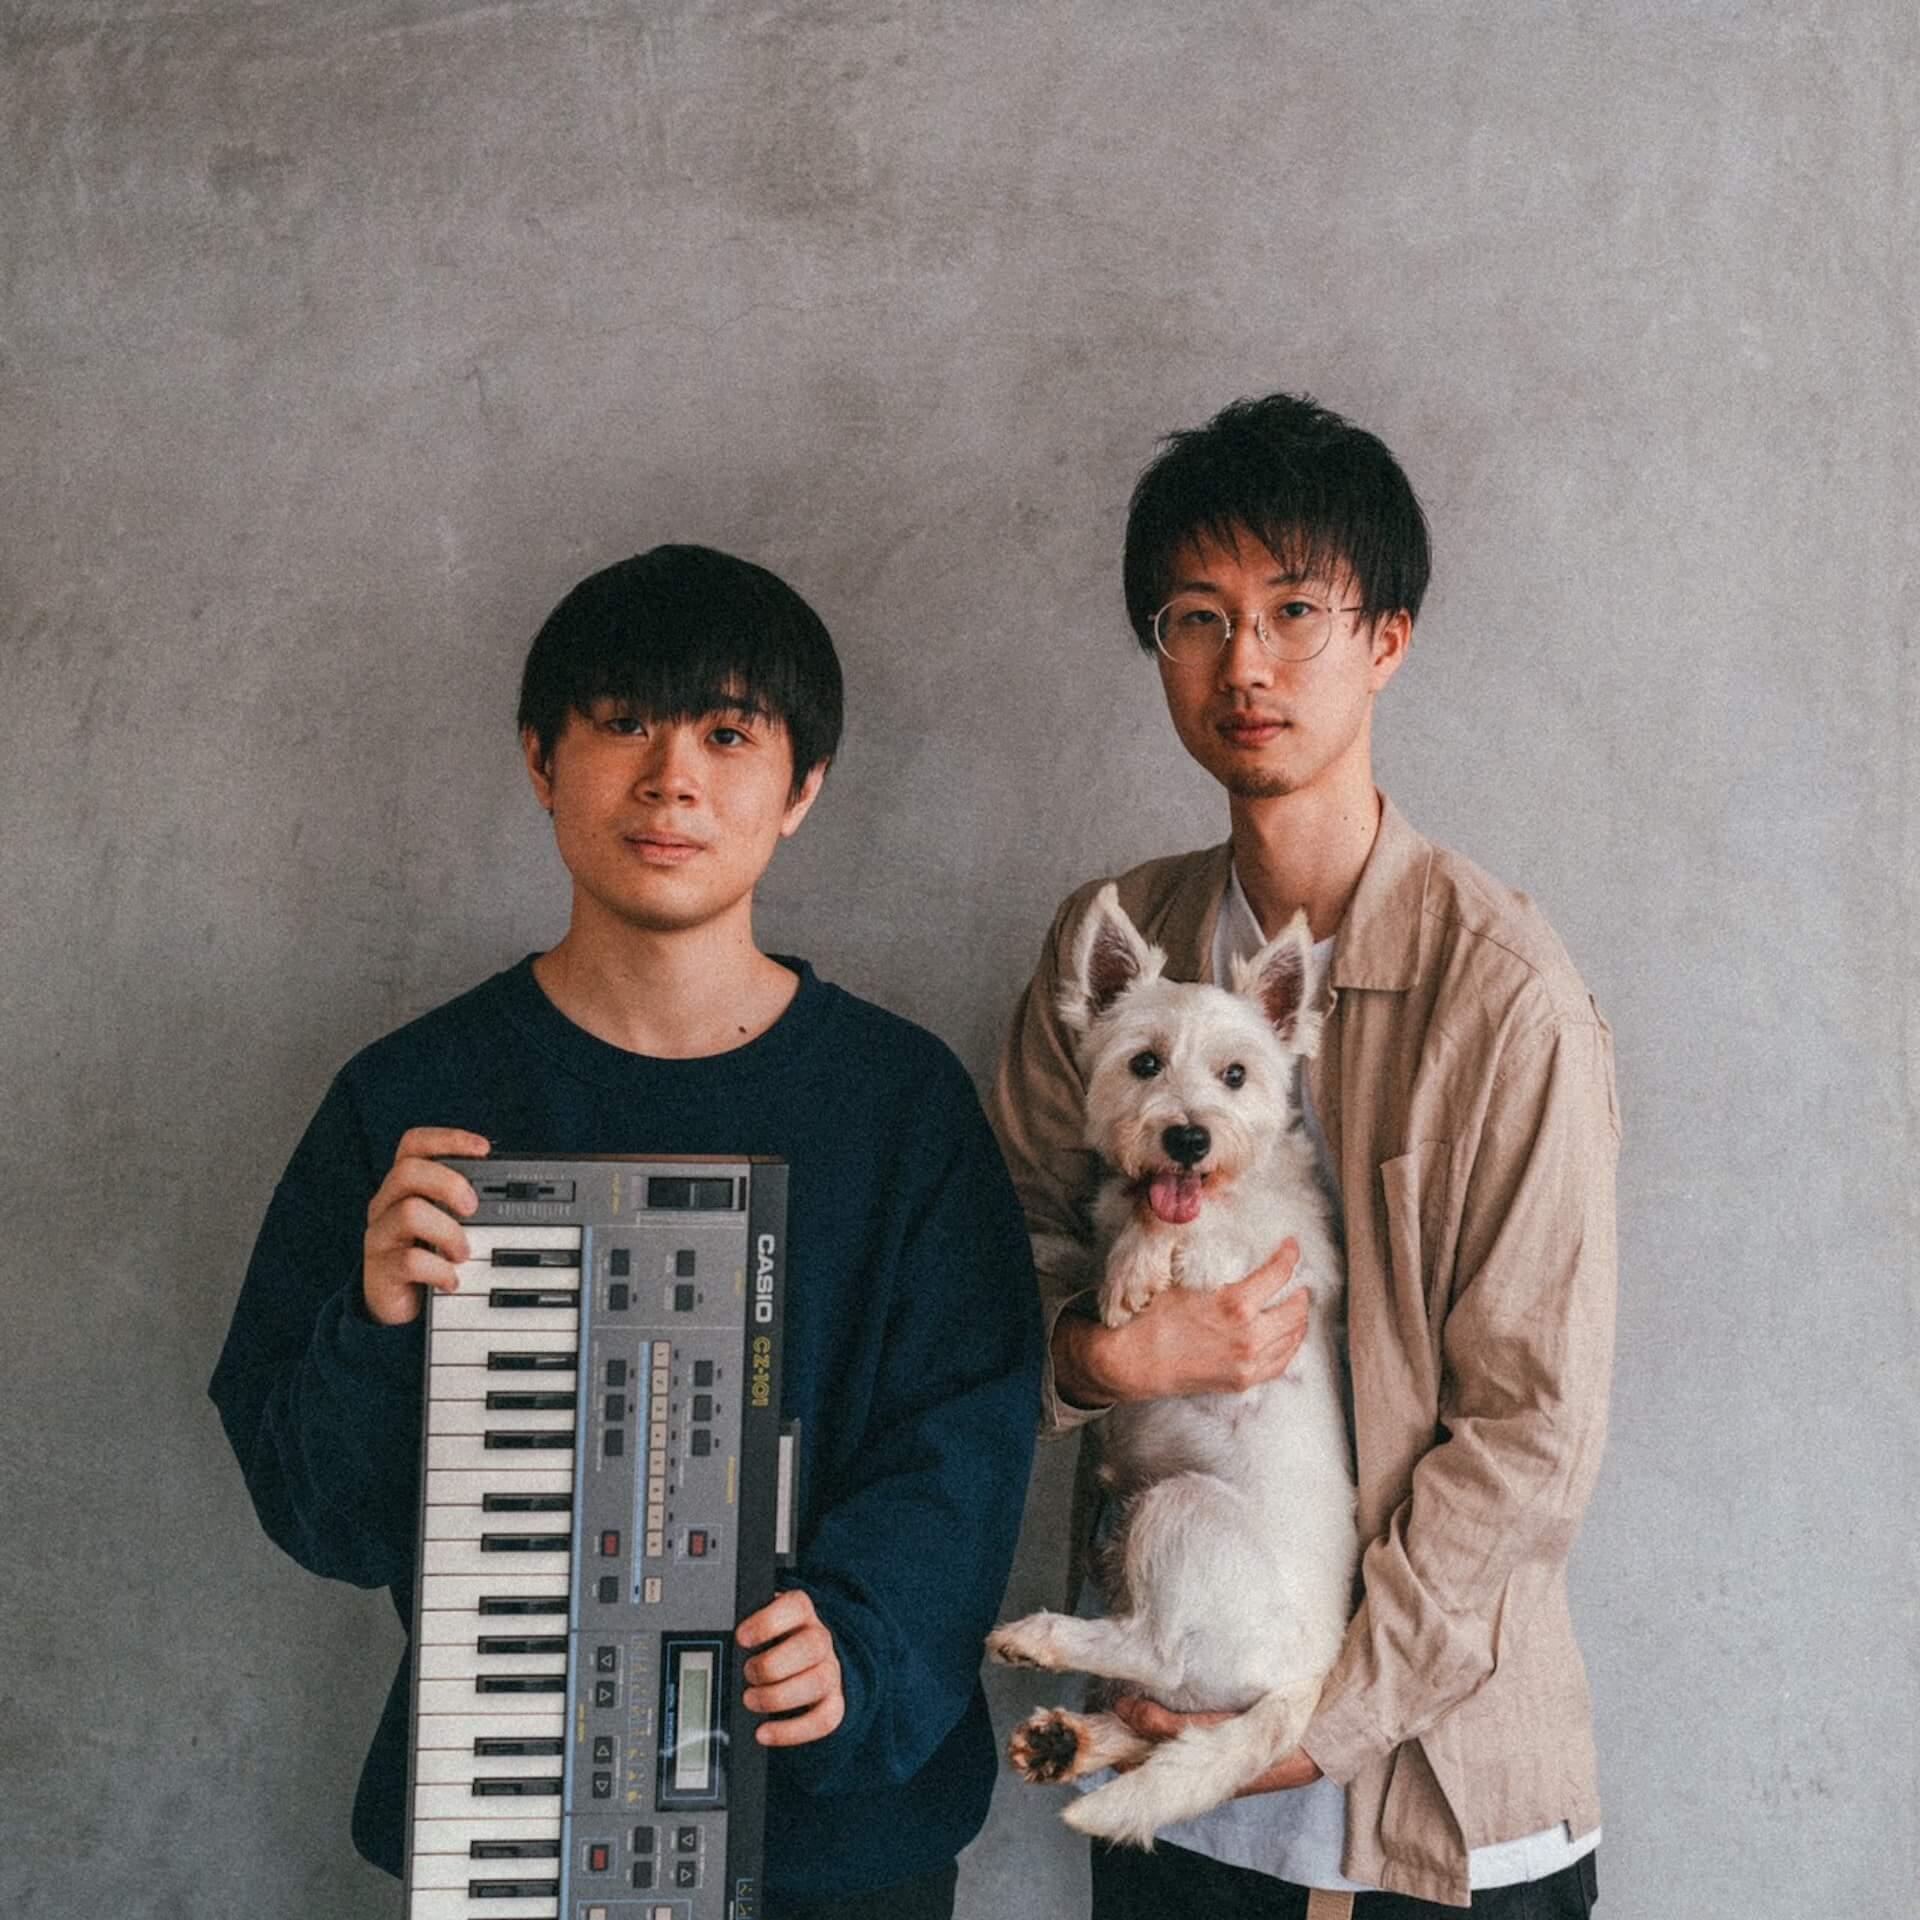 パソコン音楽クラブが9月にセカンド・アルバム『Night Flow』をリリース|イノウエワラビ、unmo、長谷川白紙が参加、マスタリングは得能直也 music190829-pasoconongaku-2